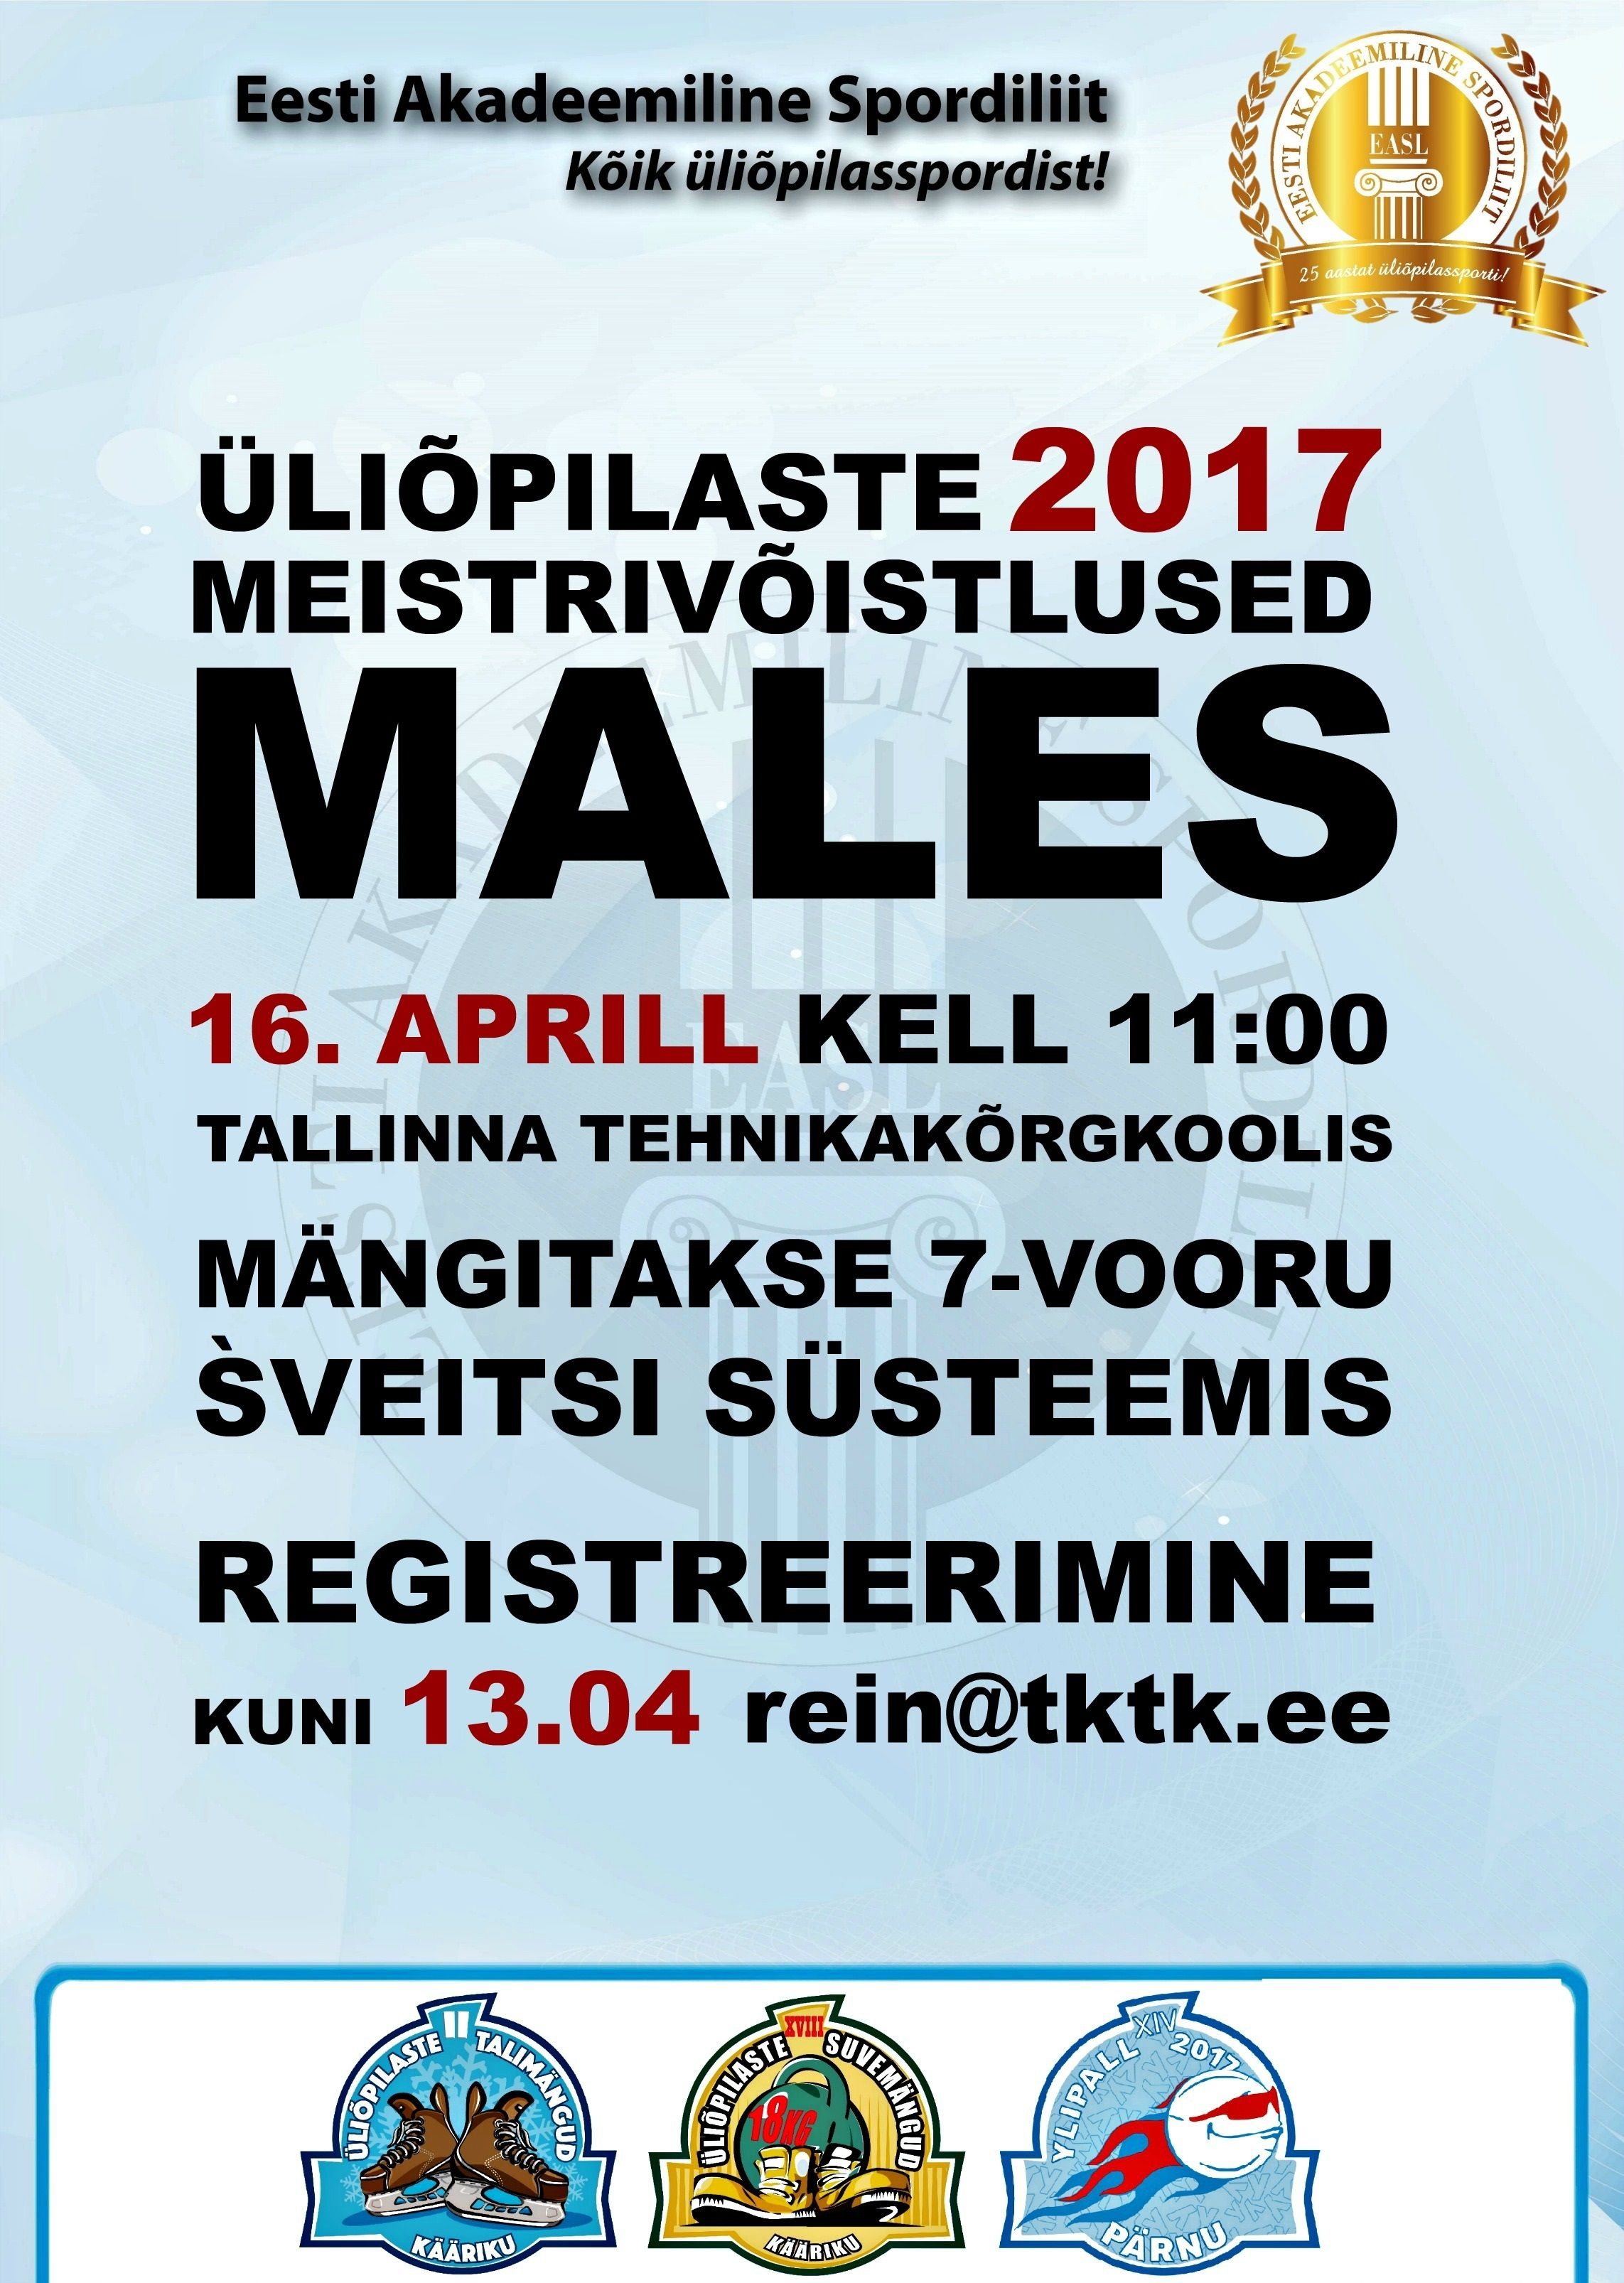 180d915fab3 Eesti üliõpilaste 2017. aasta meistrivõistlused males toimuvad 16. aprillil  2017 algusega kell 11.00 Tallinna Tehnikakõrgkooli ruumides (Pärnu mnt 62,  ...